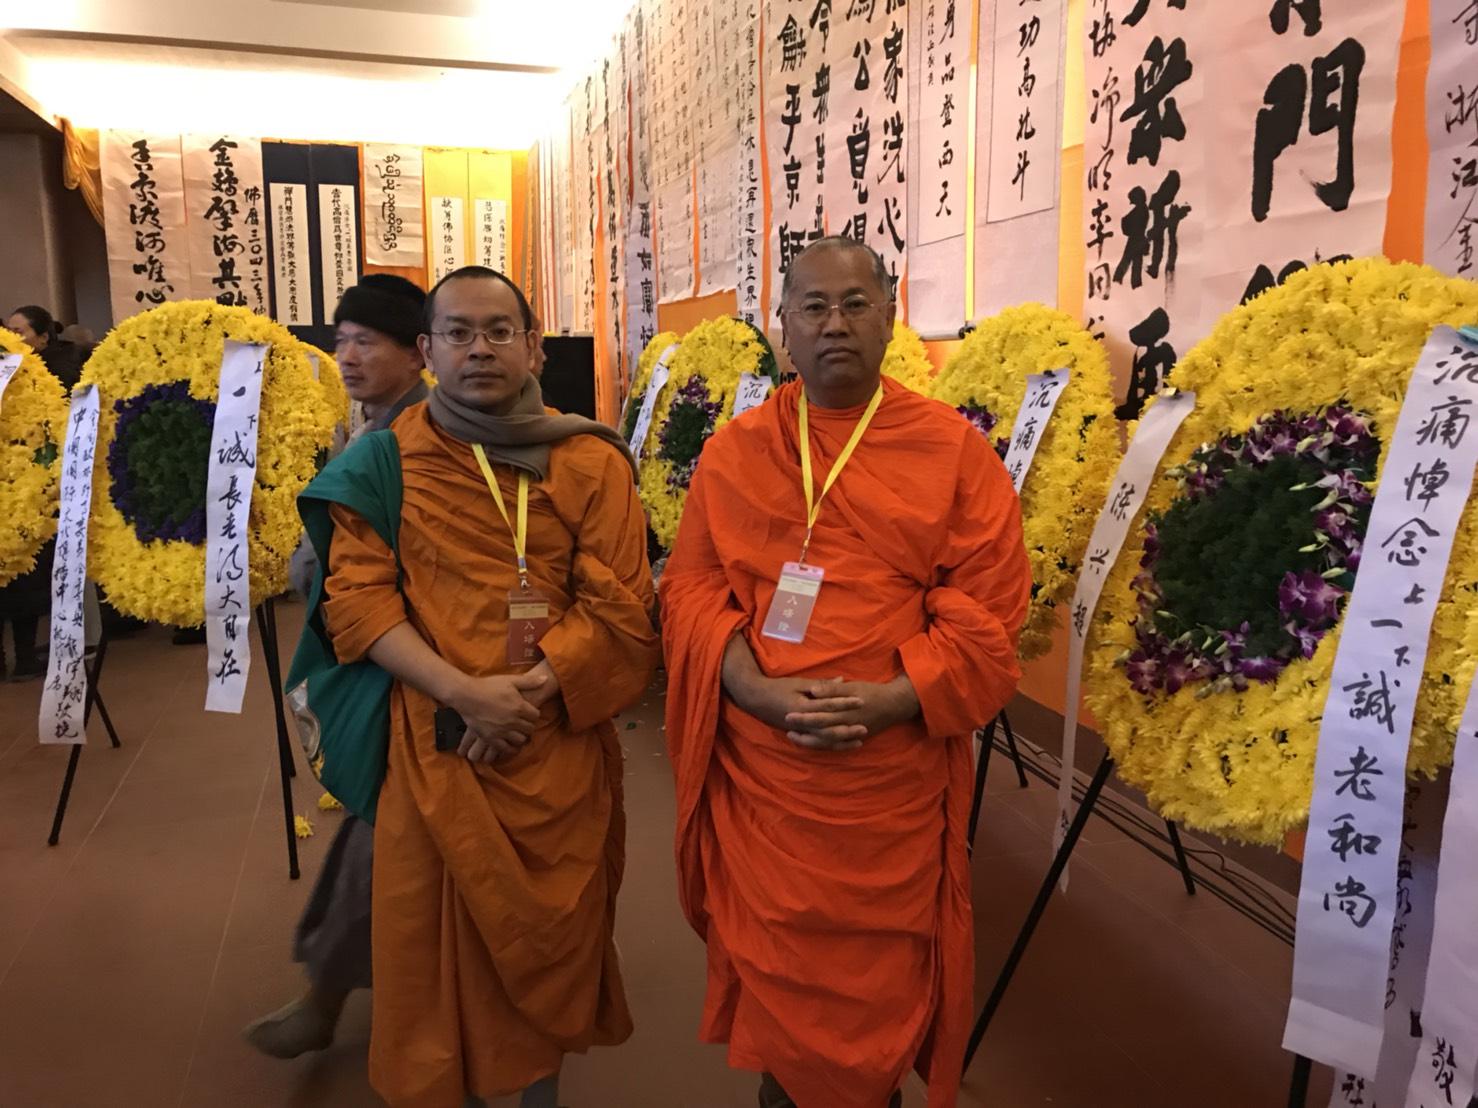 601227 รอง กต ไปงานศพ Most Ven Dr. Yi Cheng China 5